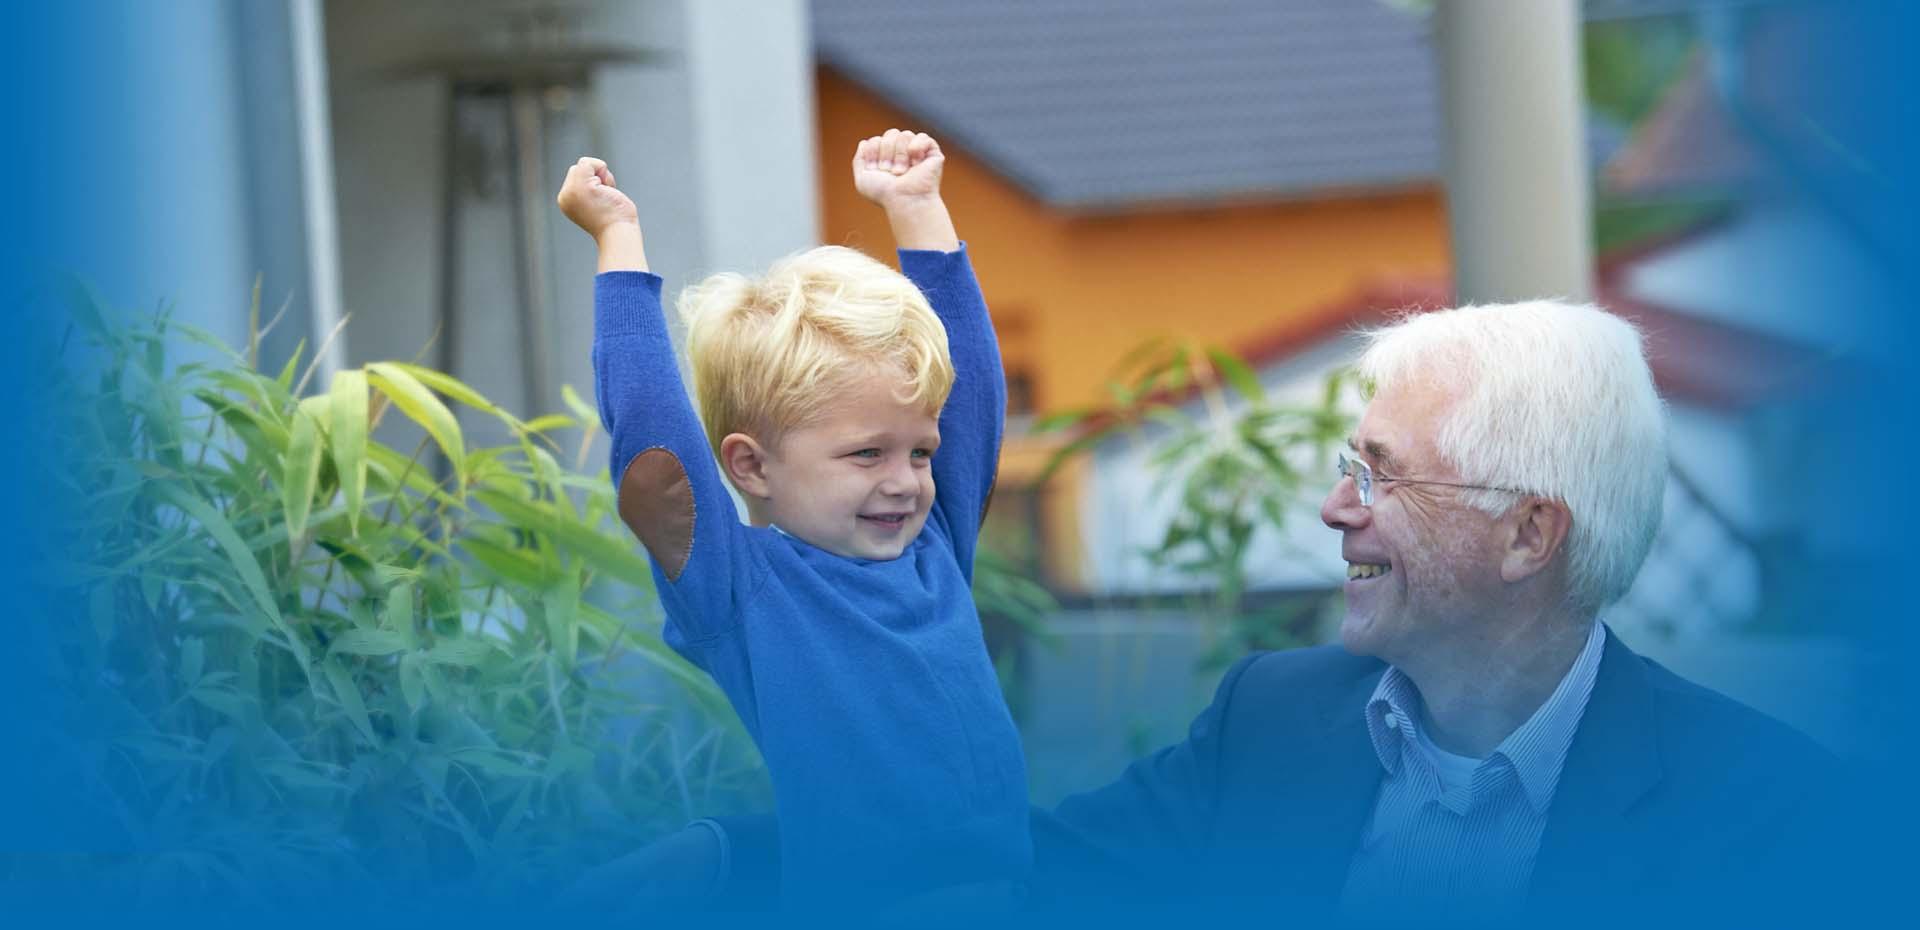 Junge und Großvater